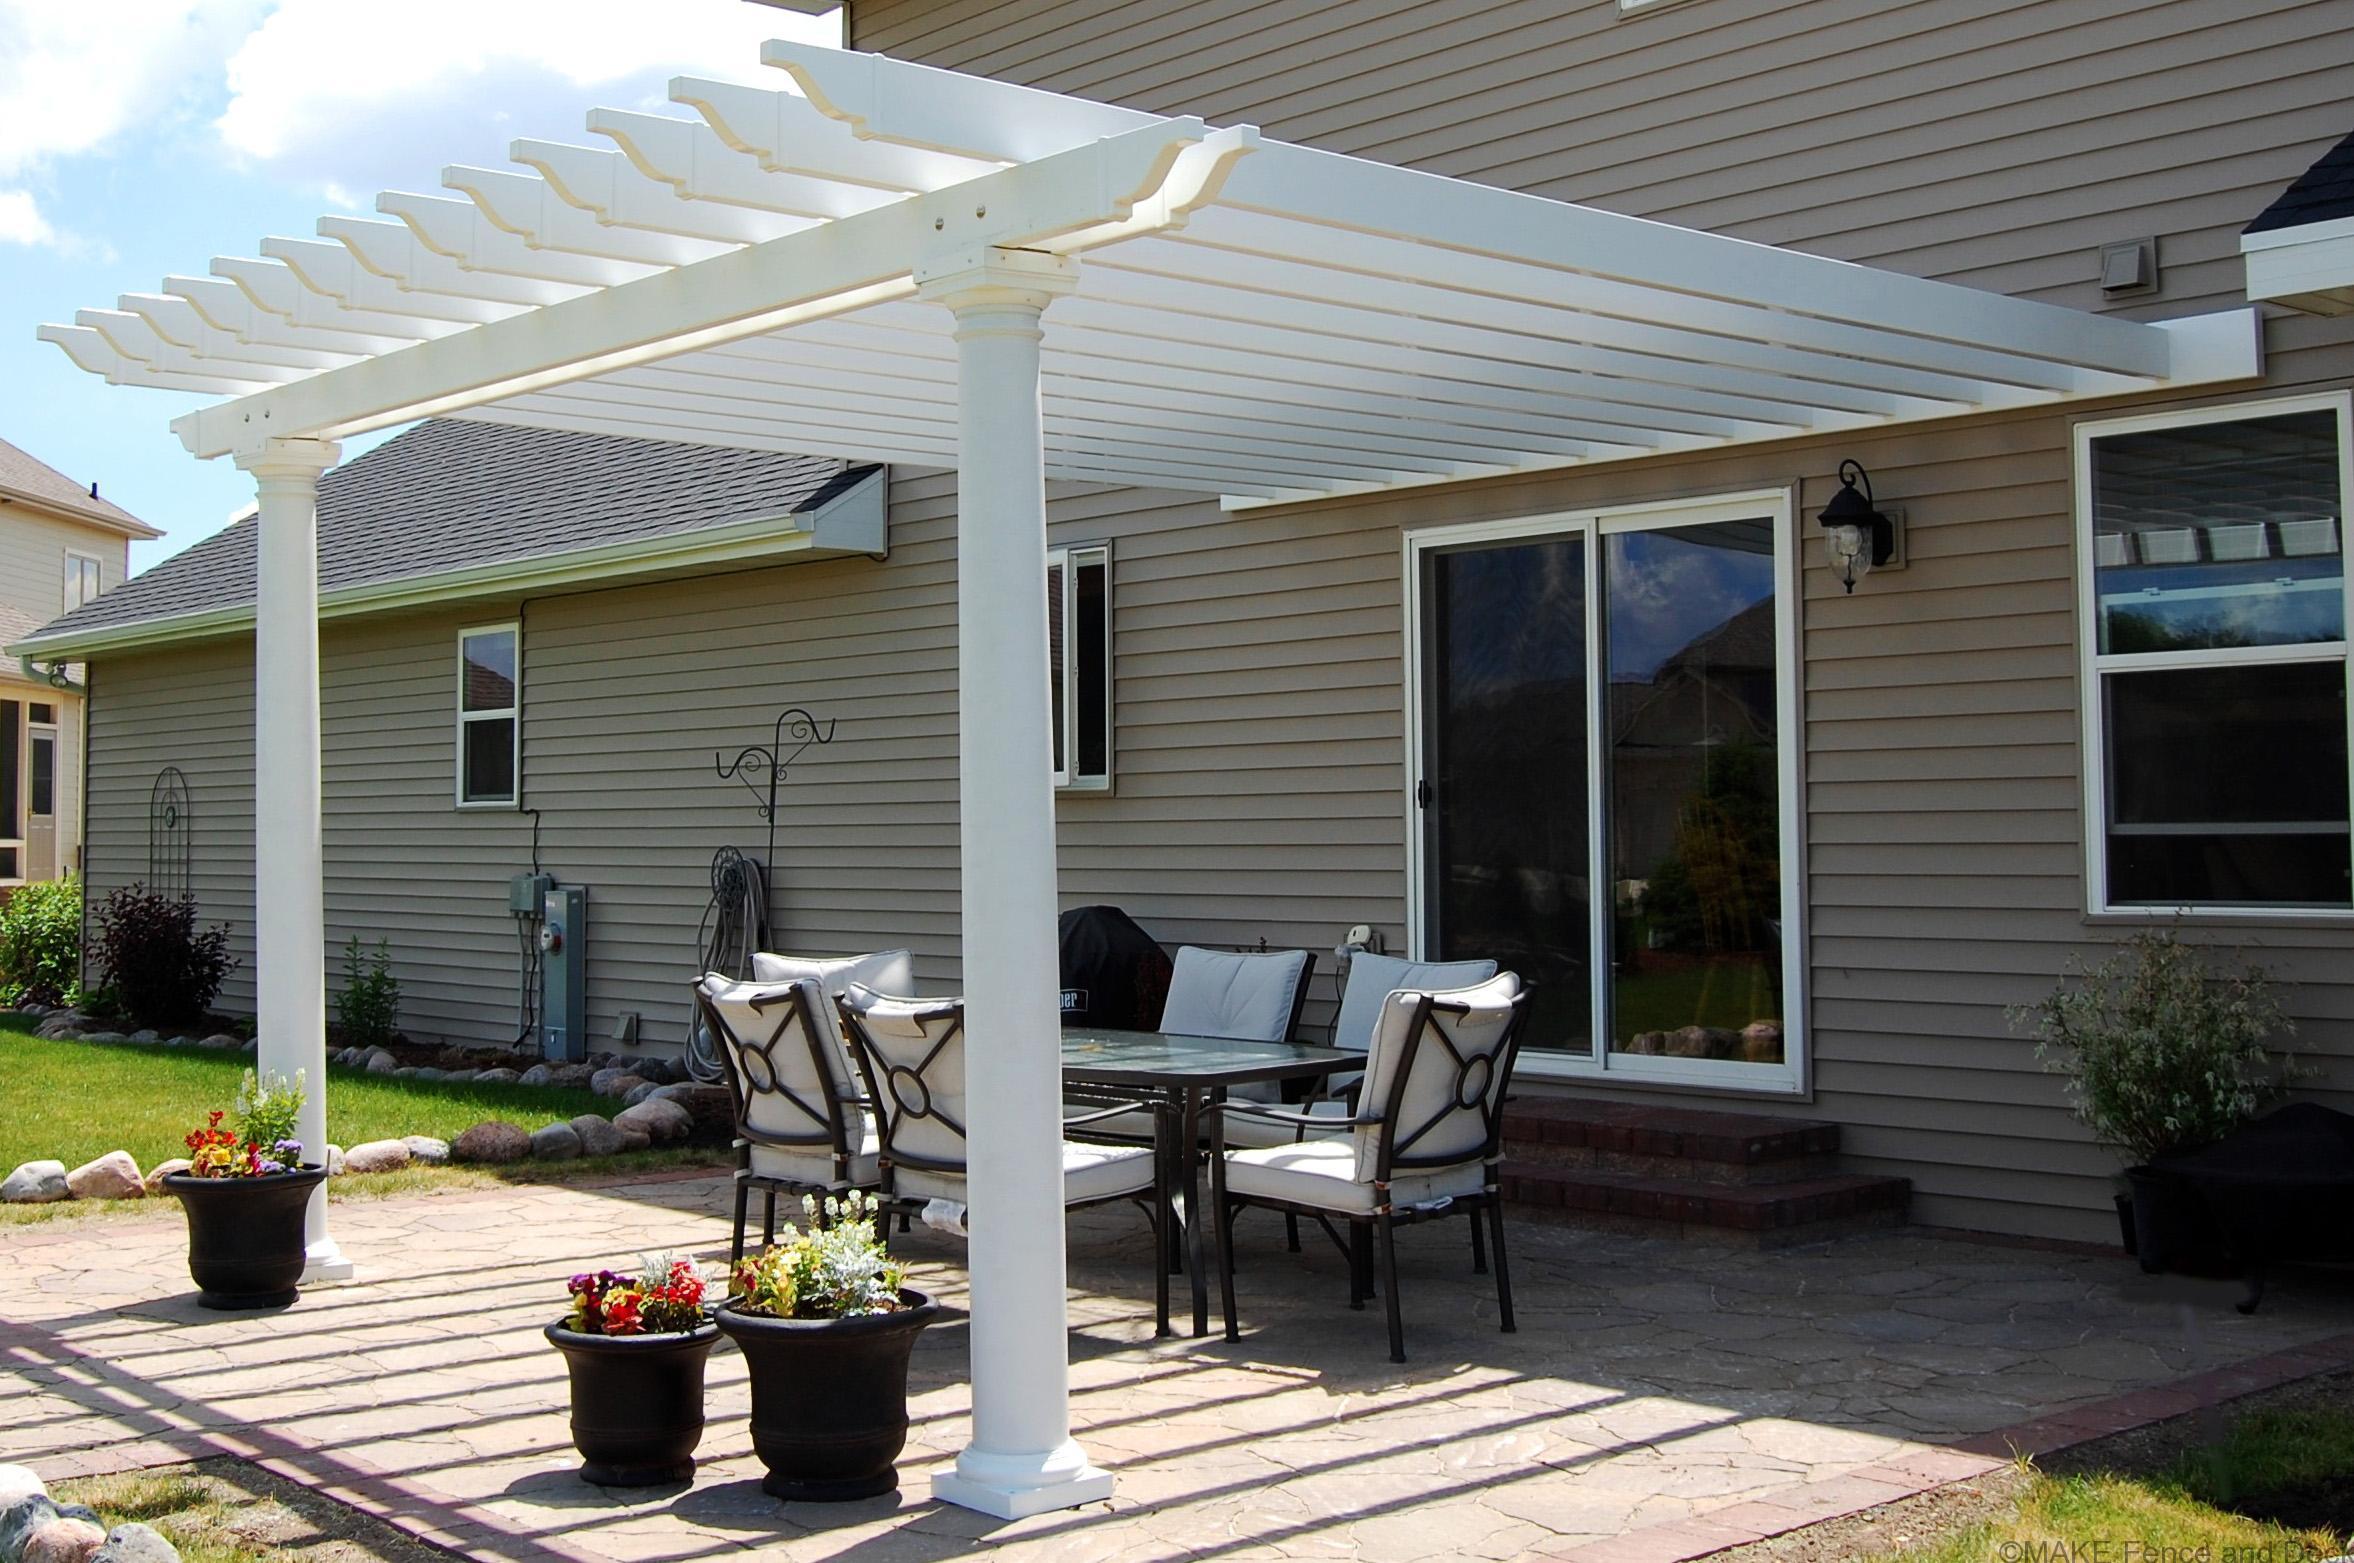 covered porch ranch house plans joy studio design gallery best design. Black Bedroom Furniture Sets. Home Design Ideas